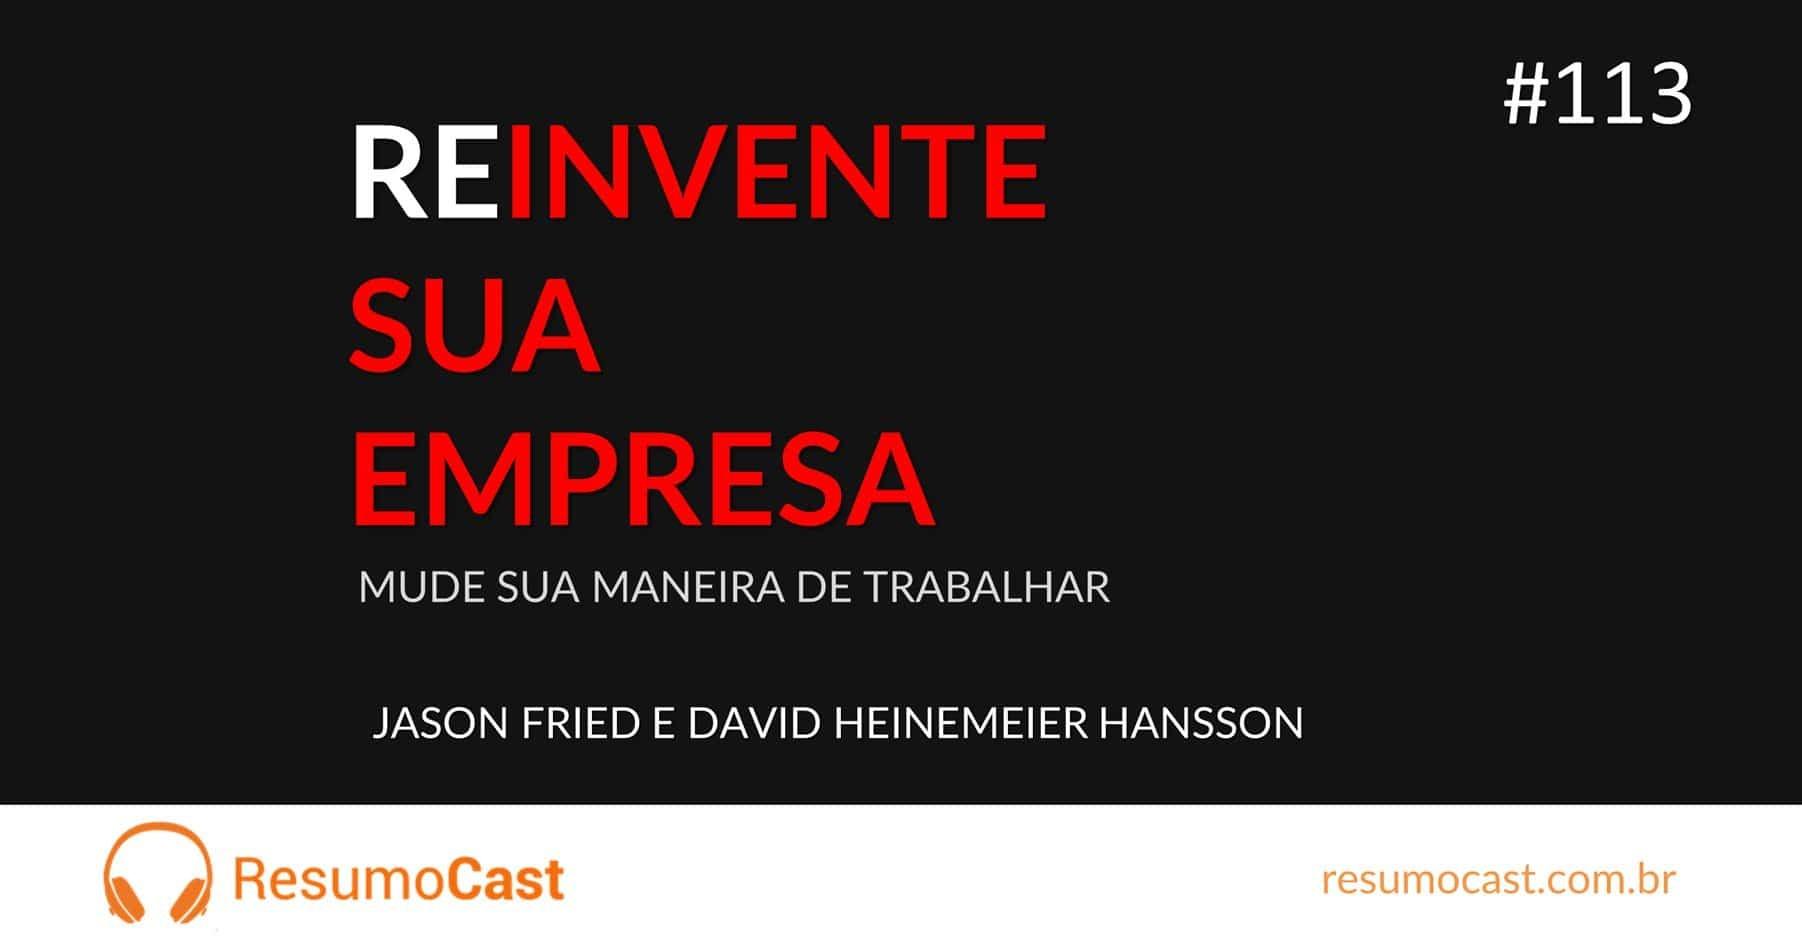 Reinvente sua Empresa: Mude sua Maneira de Trabalhar – Jason Fried e David Heinemeier Hansson | T1#113